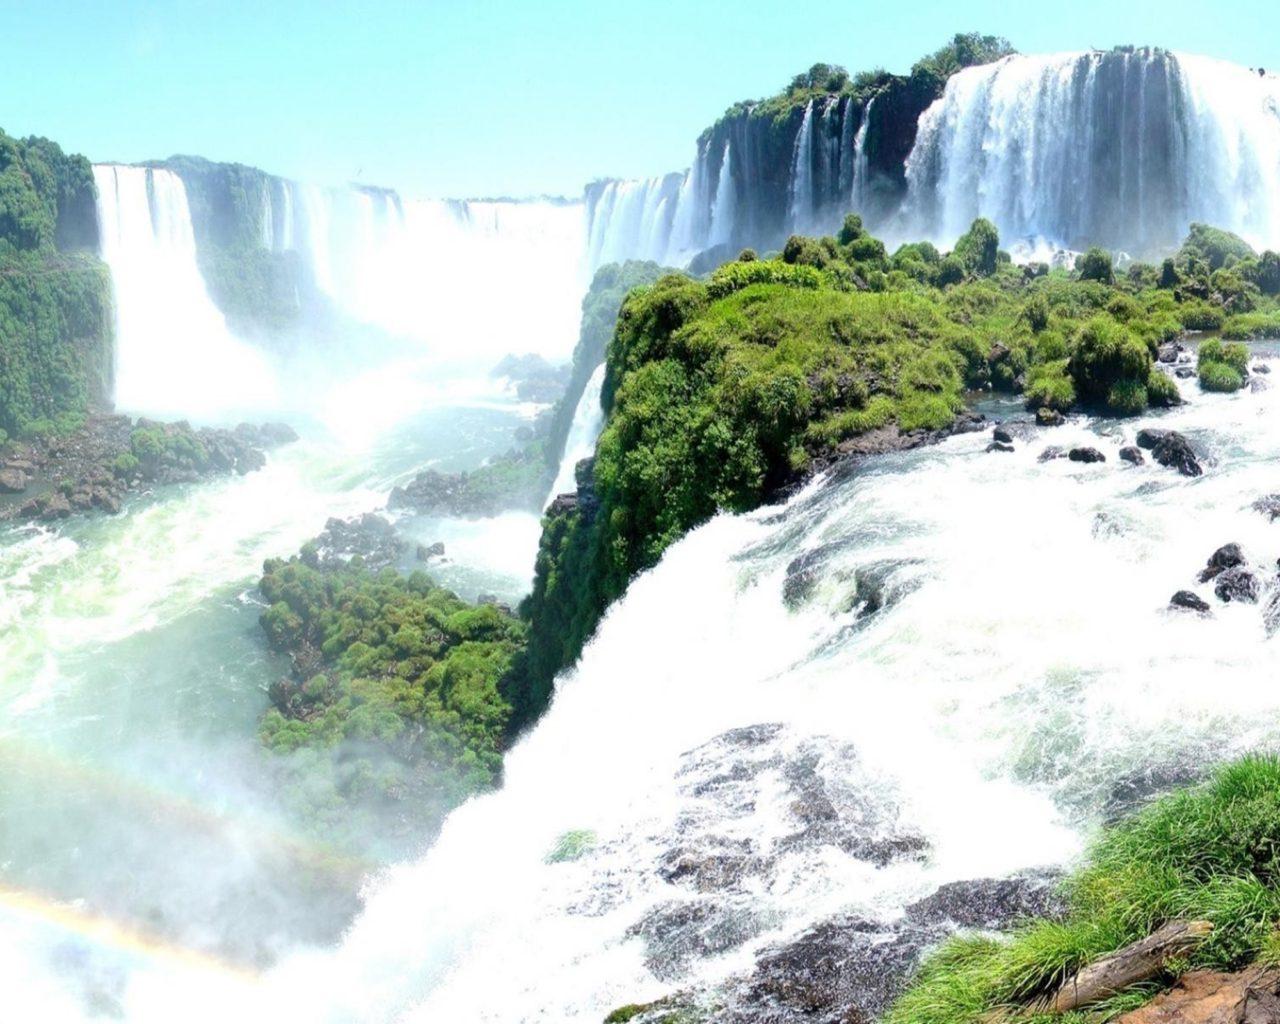 Iguazul Falls Wallpaper Landscape Waterfall Rocks Trees Hd Wallpaper Iguazu